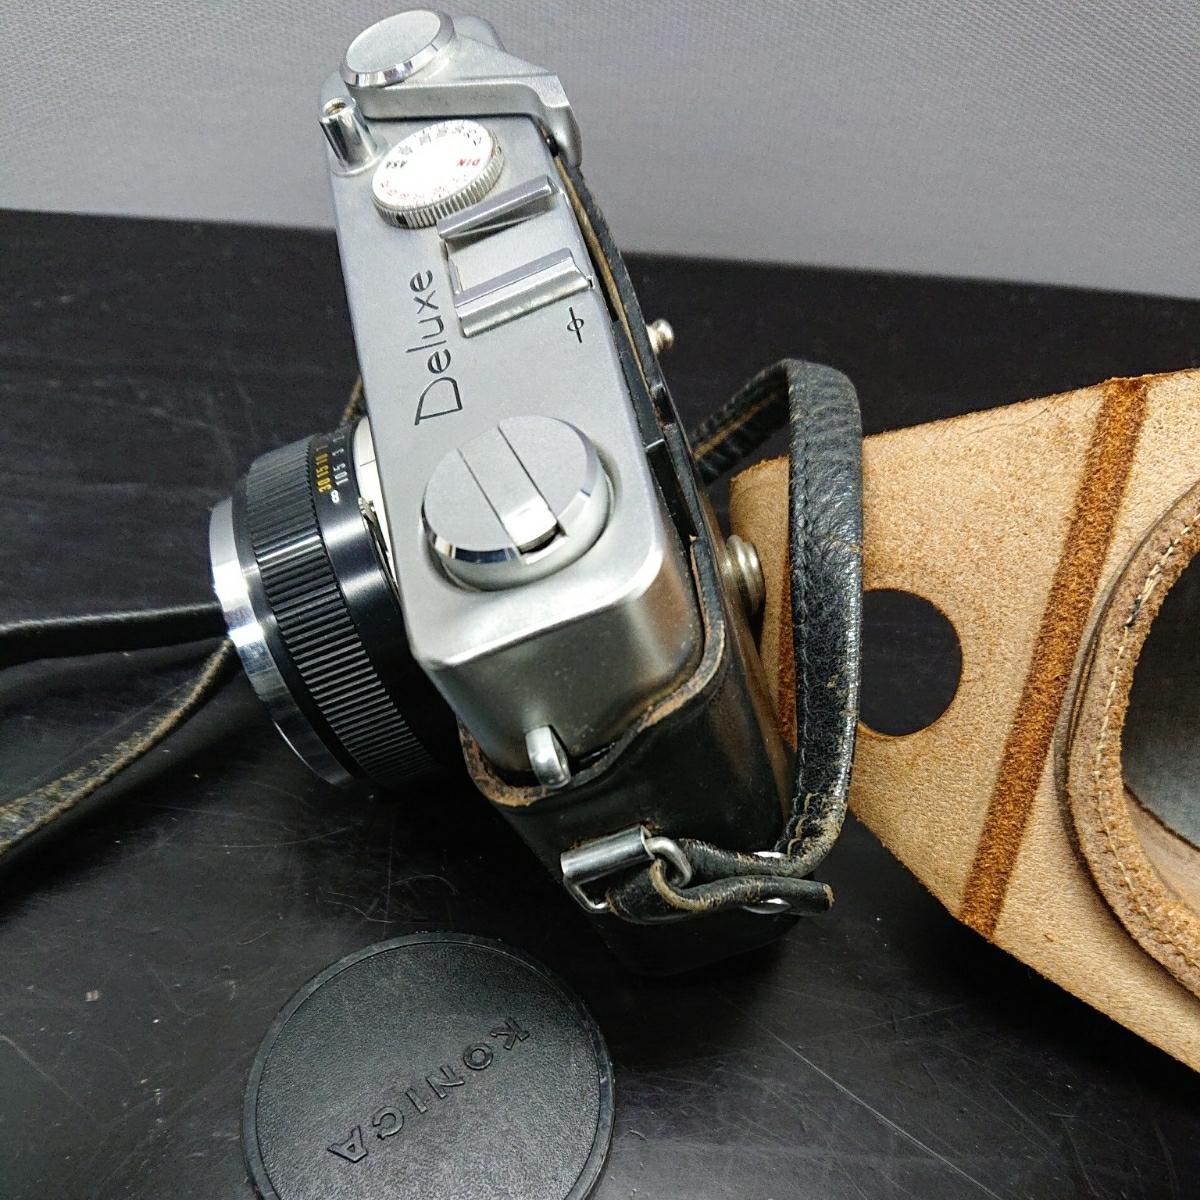 コニカ Konica EE-MATIC Deluxe KONICA HEXANON 1:2.8 f=40mm 専用ケース付き み_画像4